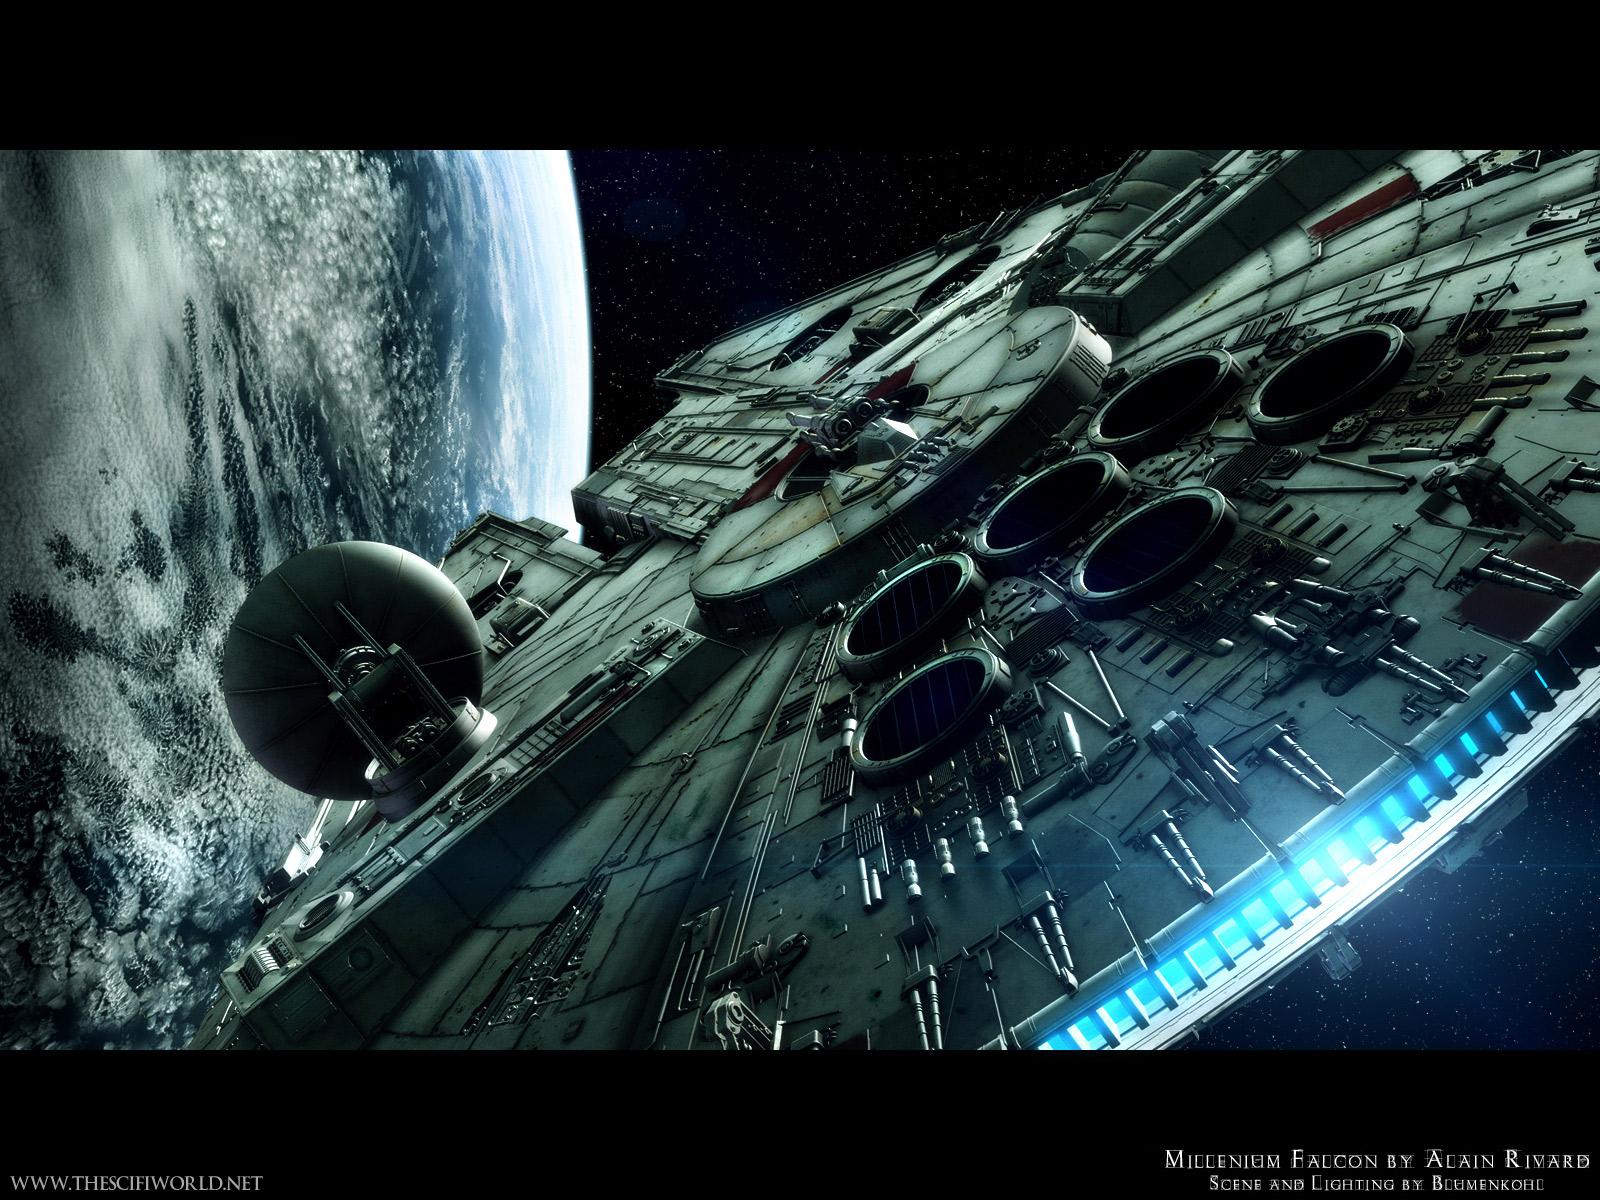 73 Hd Star Wars Wallpaper On Wallpapersafari